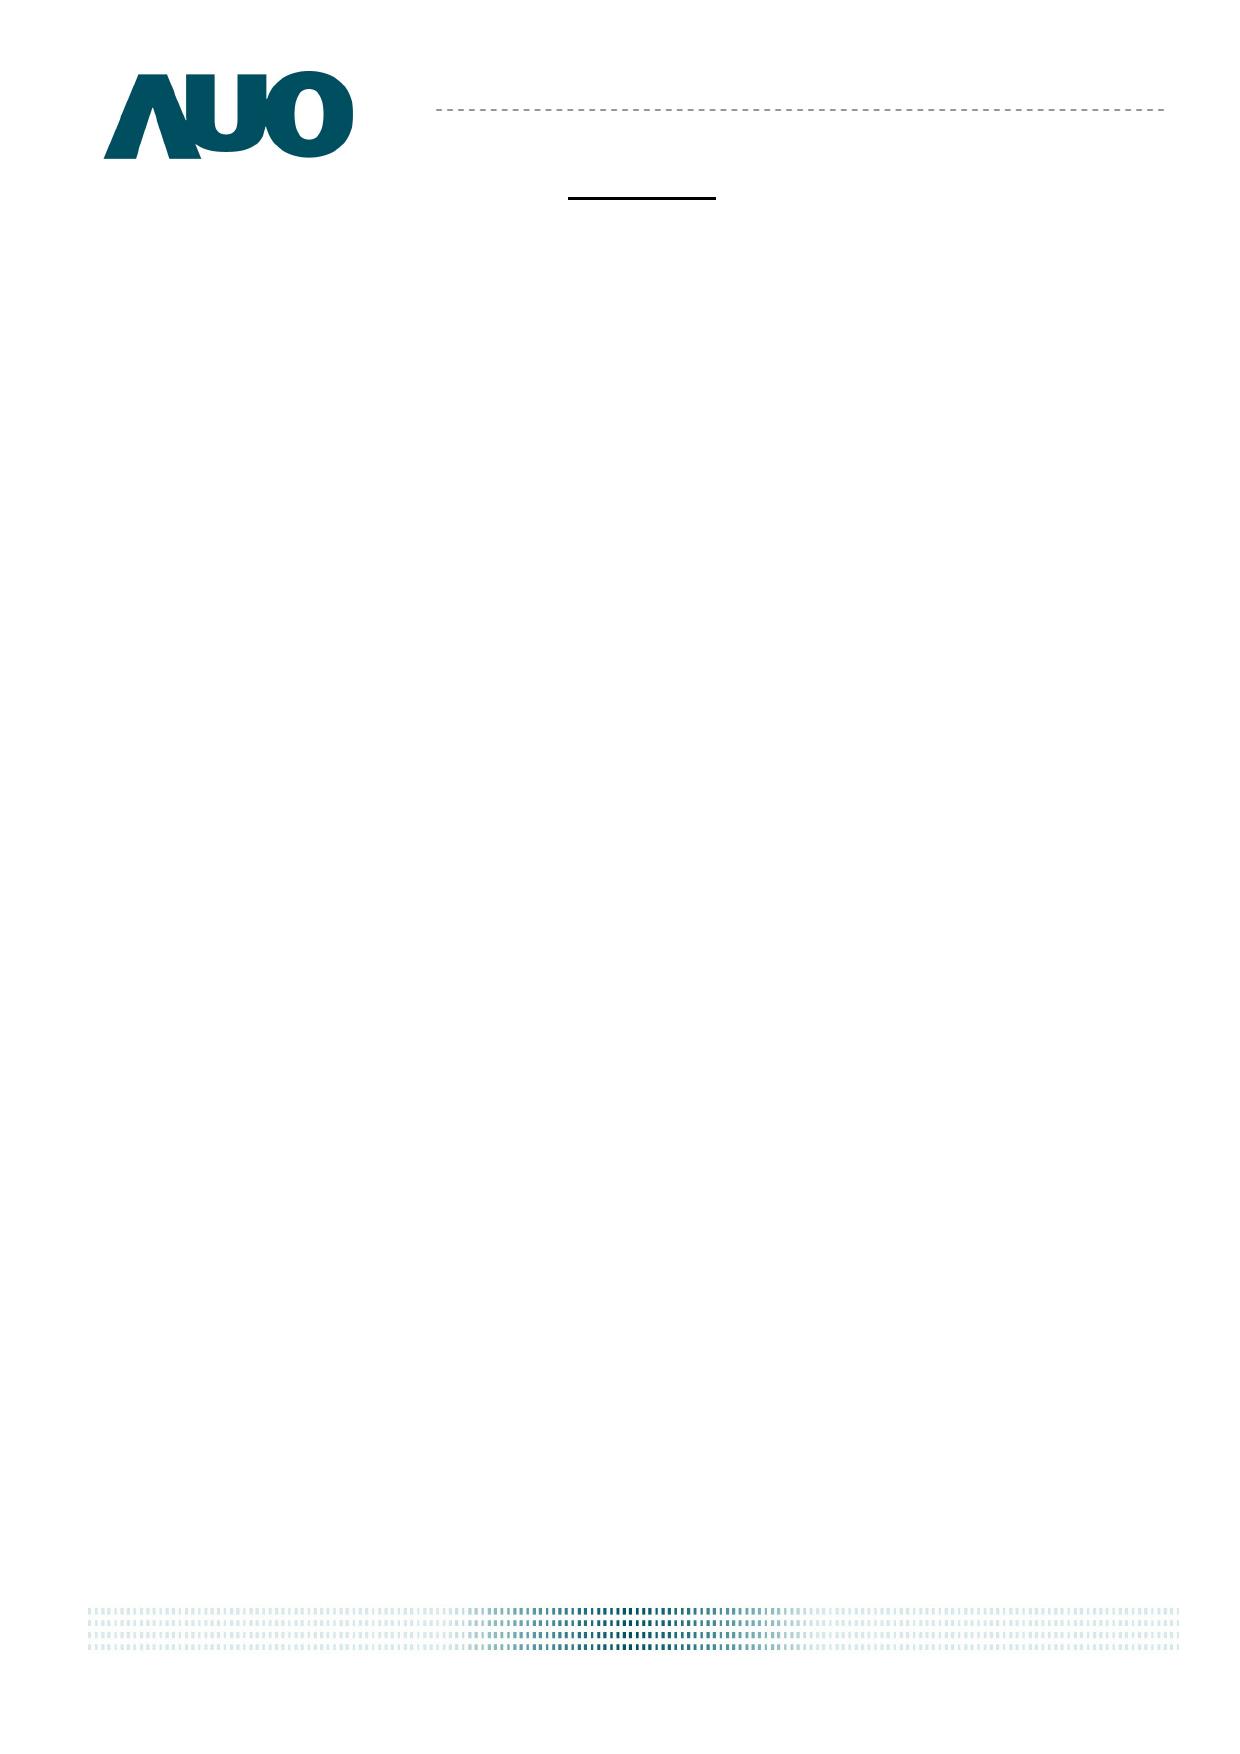 G070VW01_V1 Даташит, Описание, Даташиты